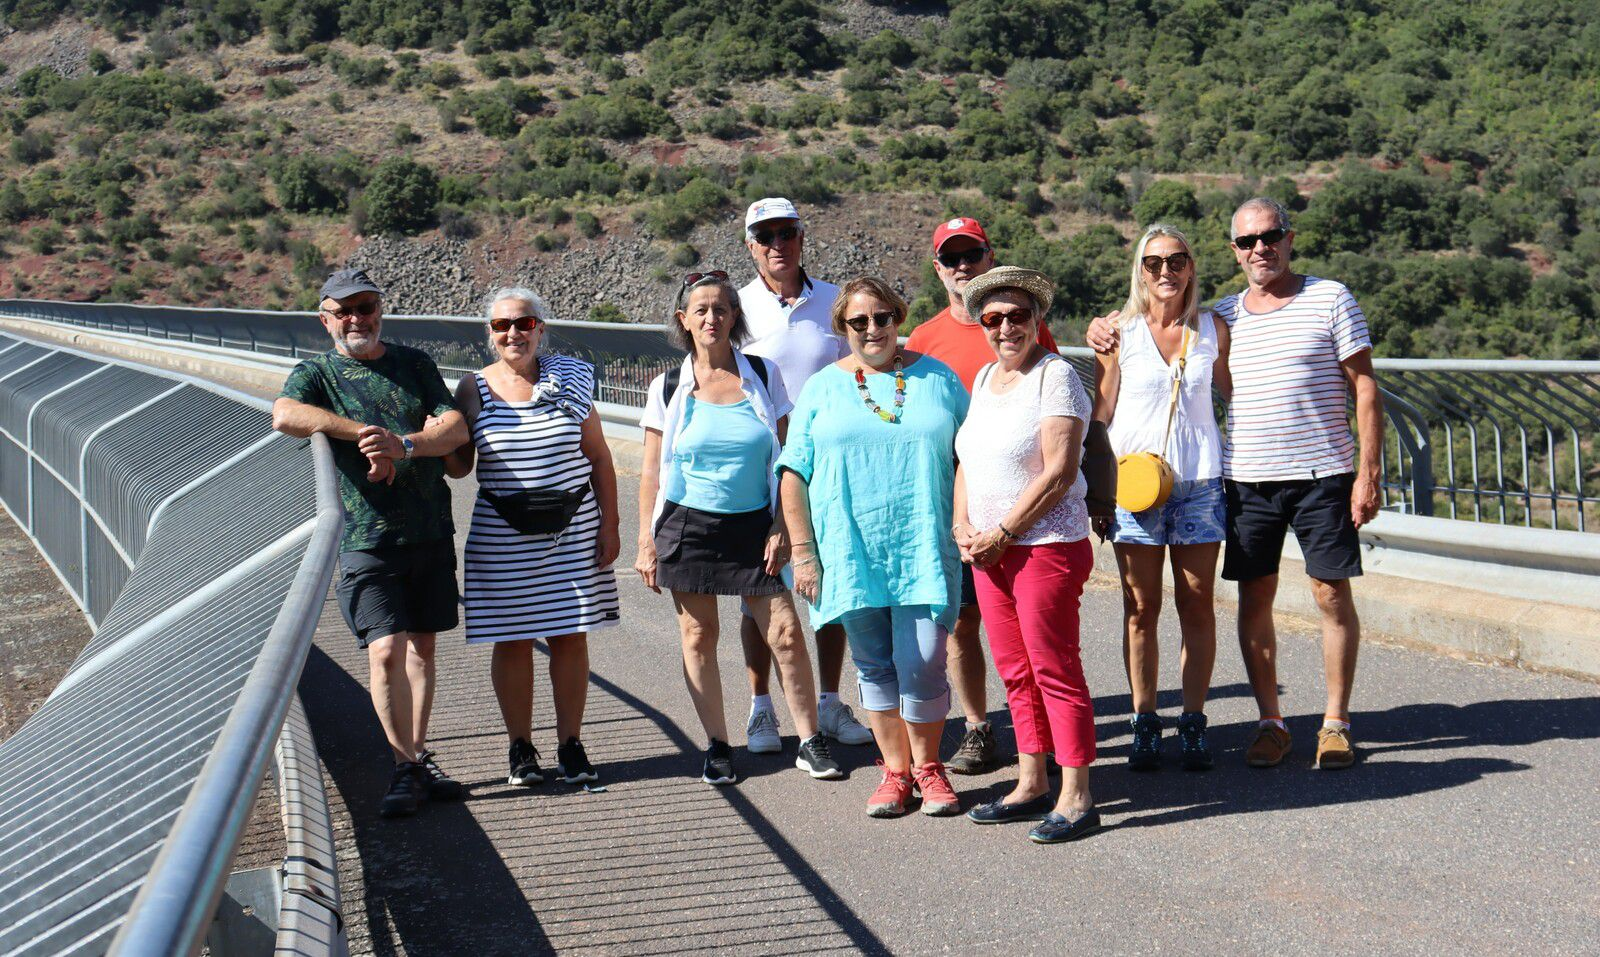 Visite du barrage du Salagou, point de vue à Liausson et promenade à Mourèze.